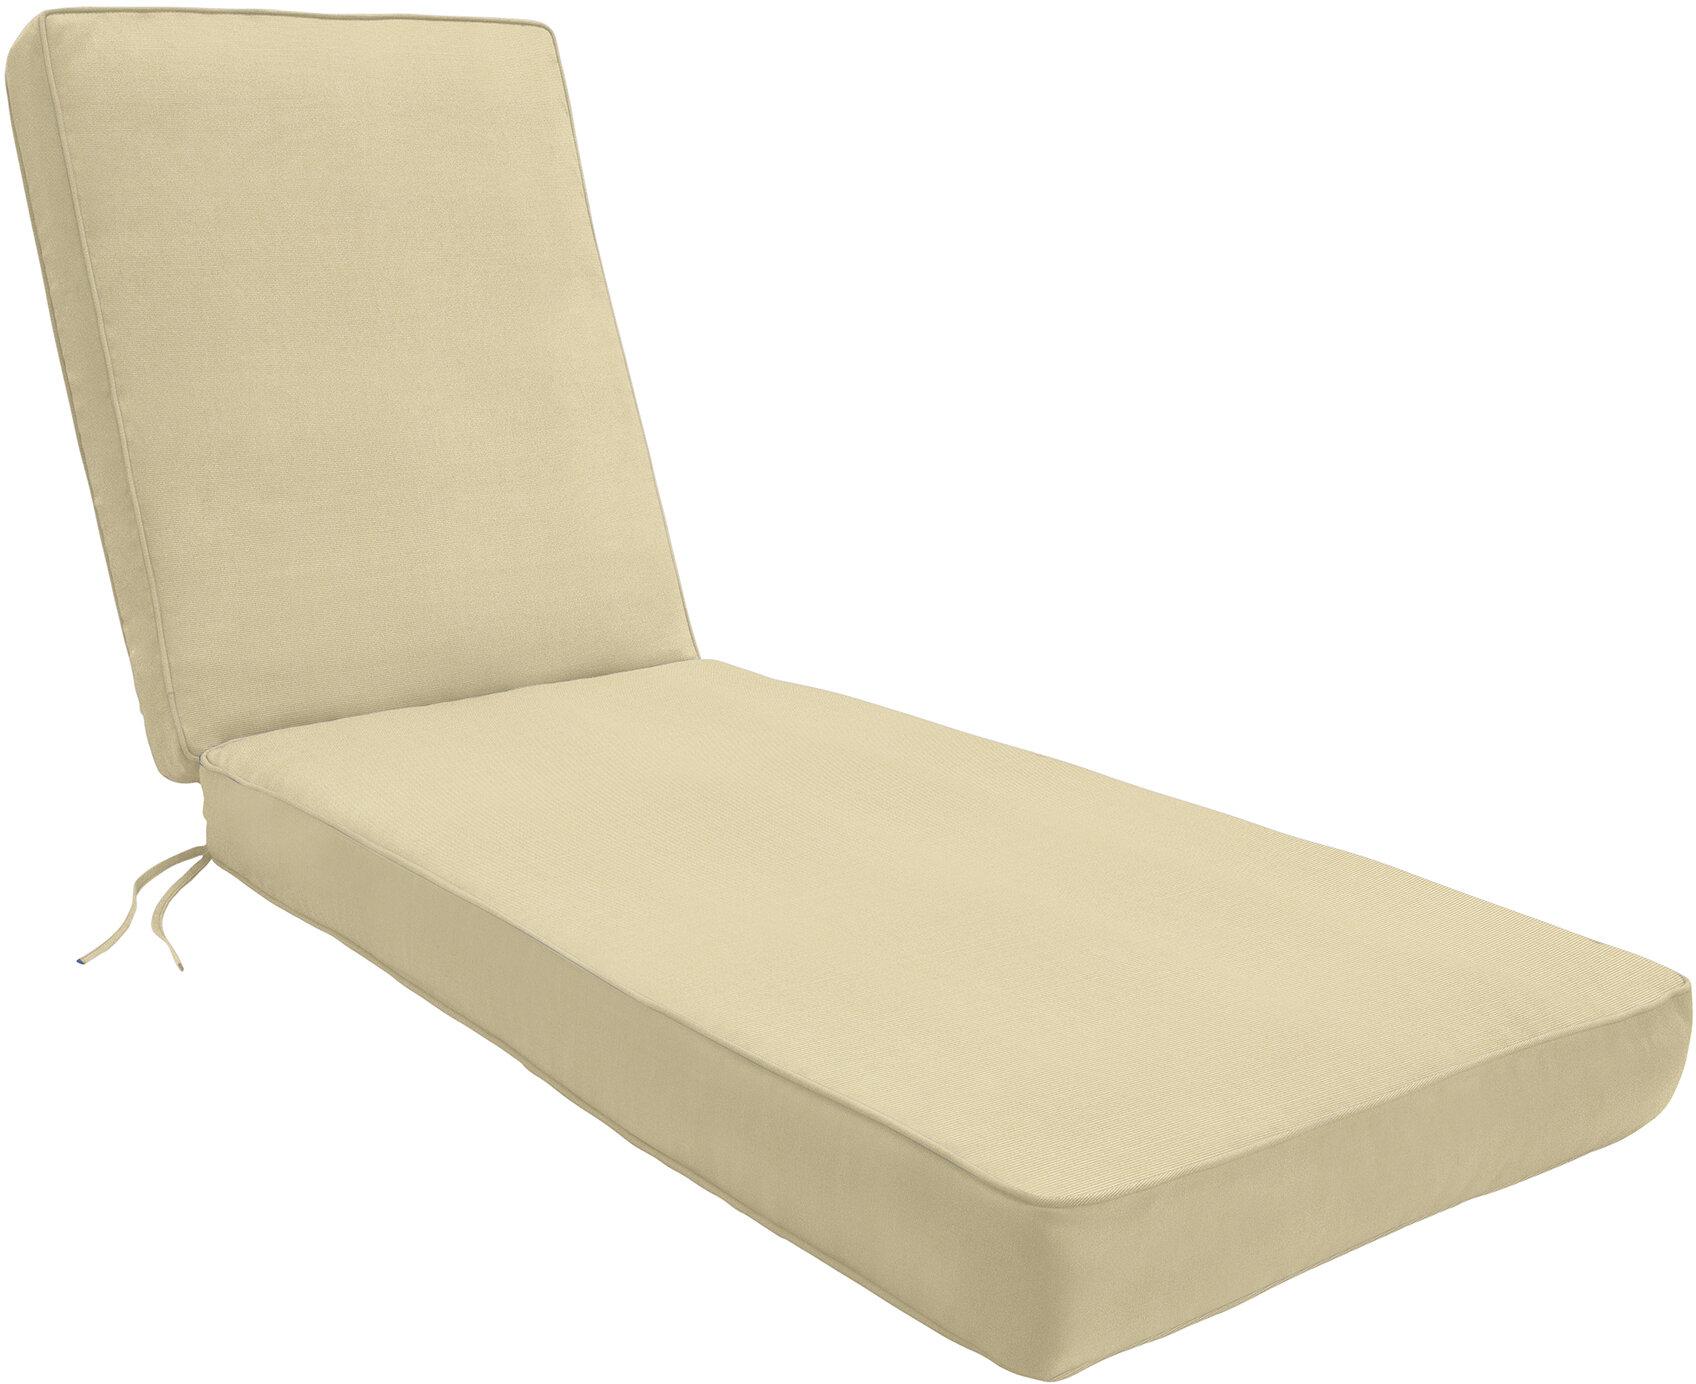 - Wayfair Custom Outdoor Cushions Double-Piped Indoor/Outdoor